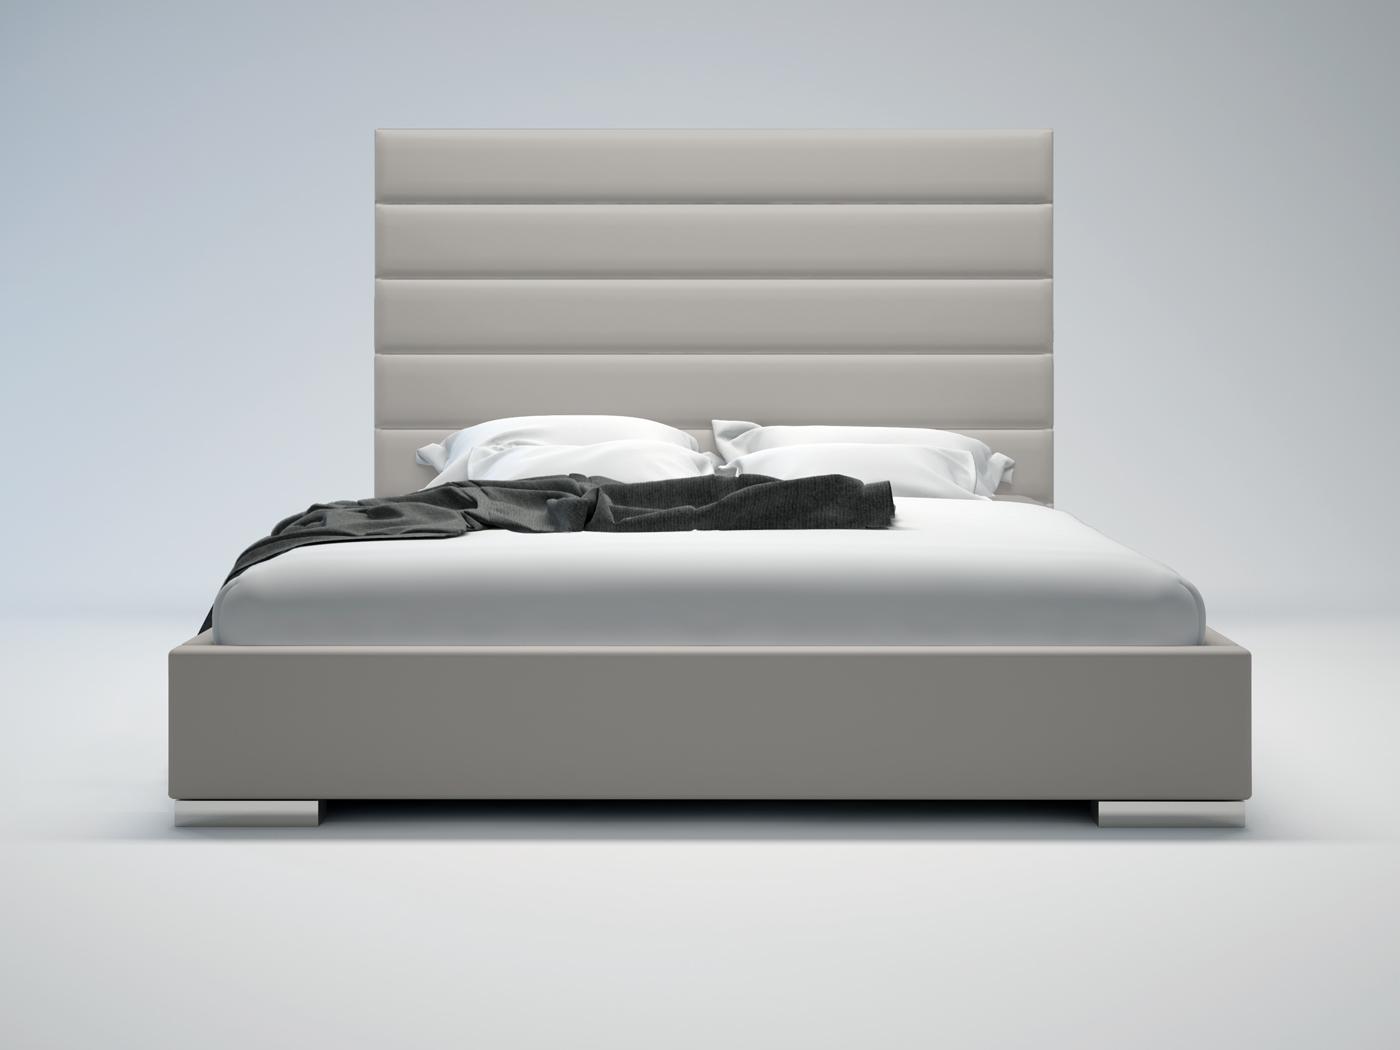 modloft prince bed - Modloft